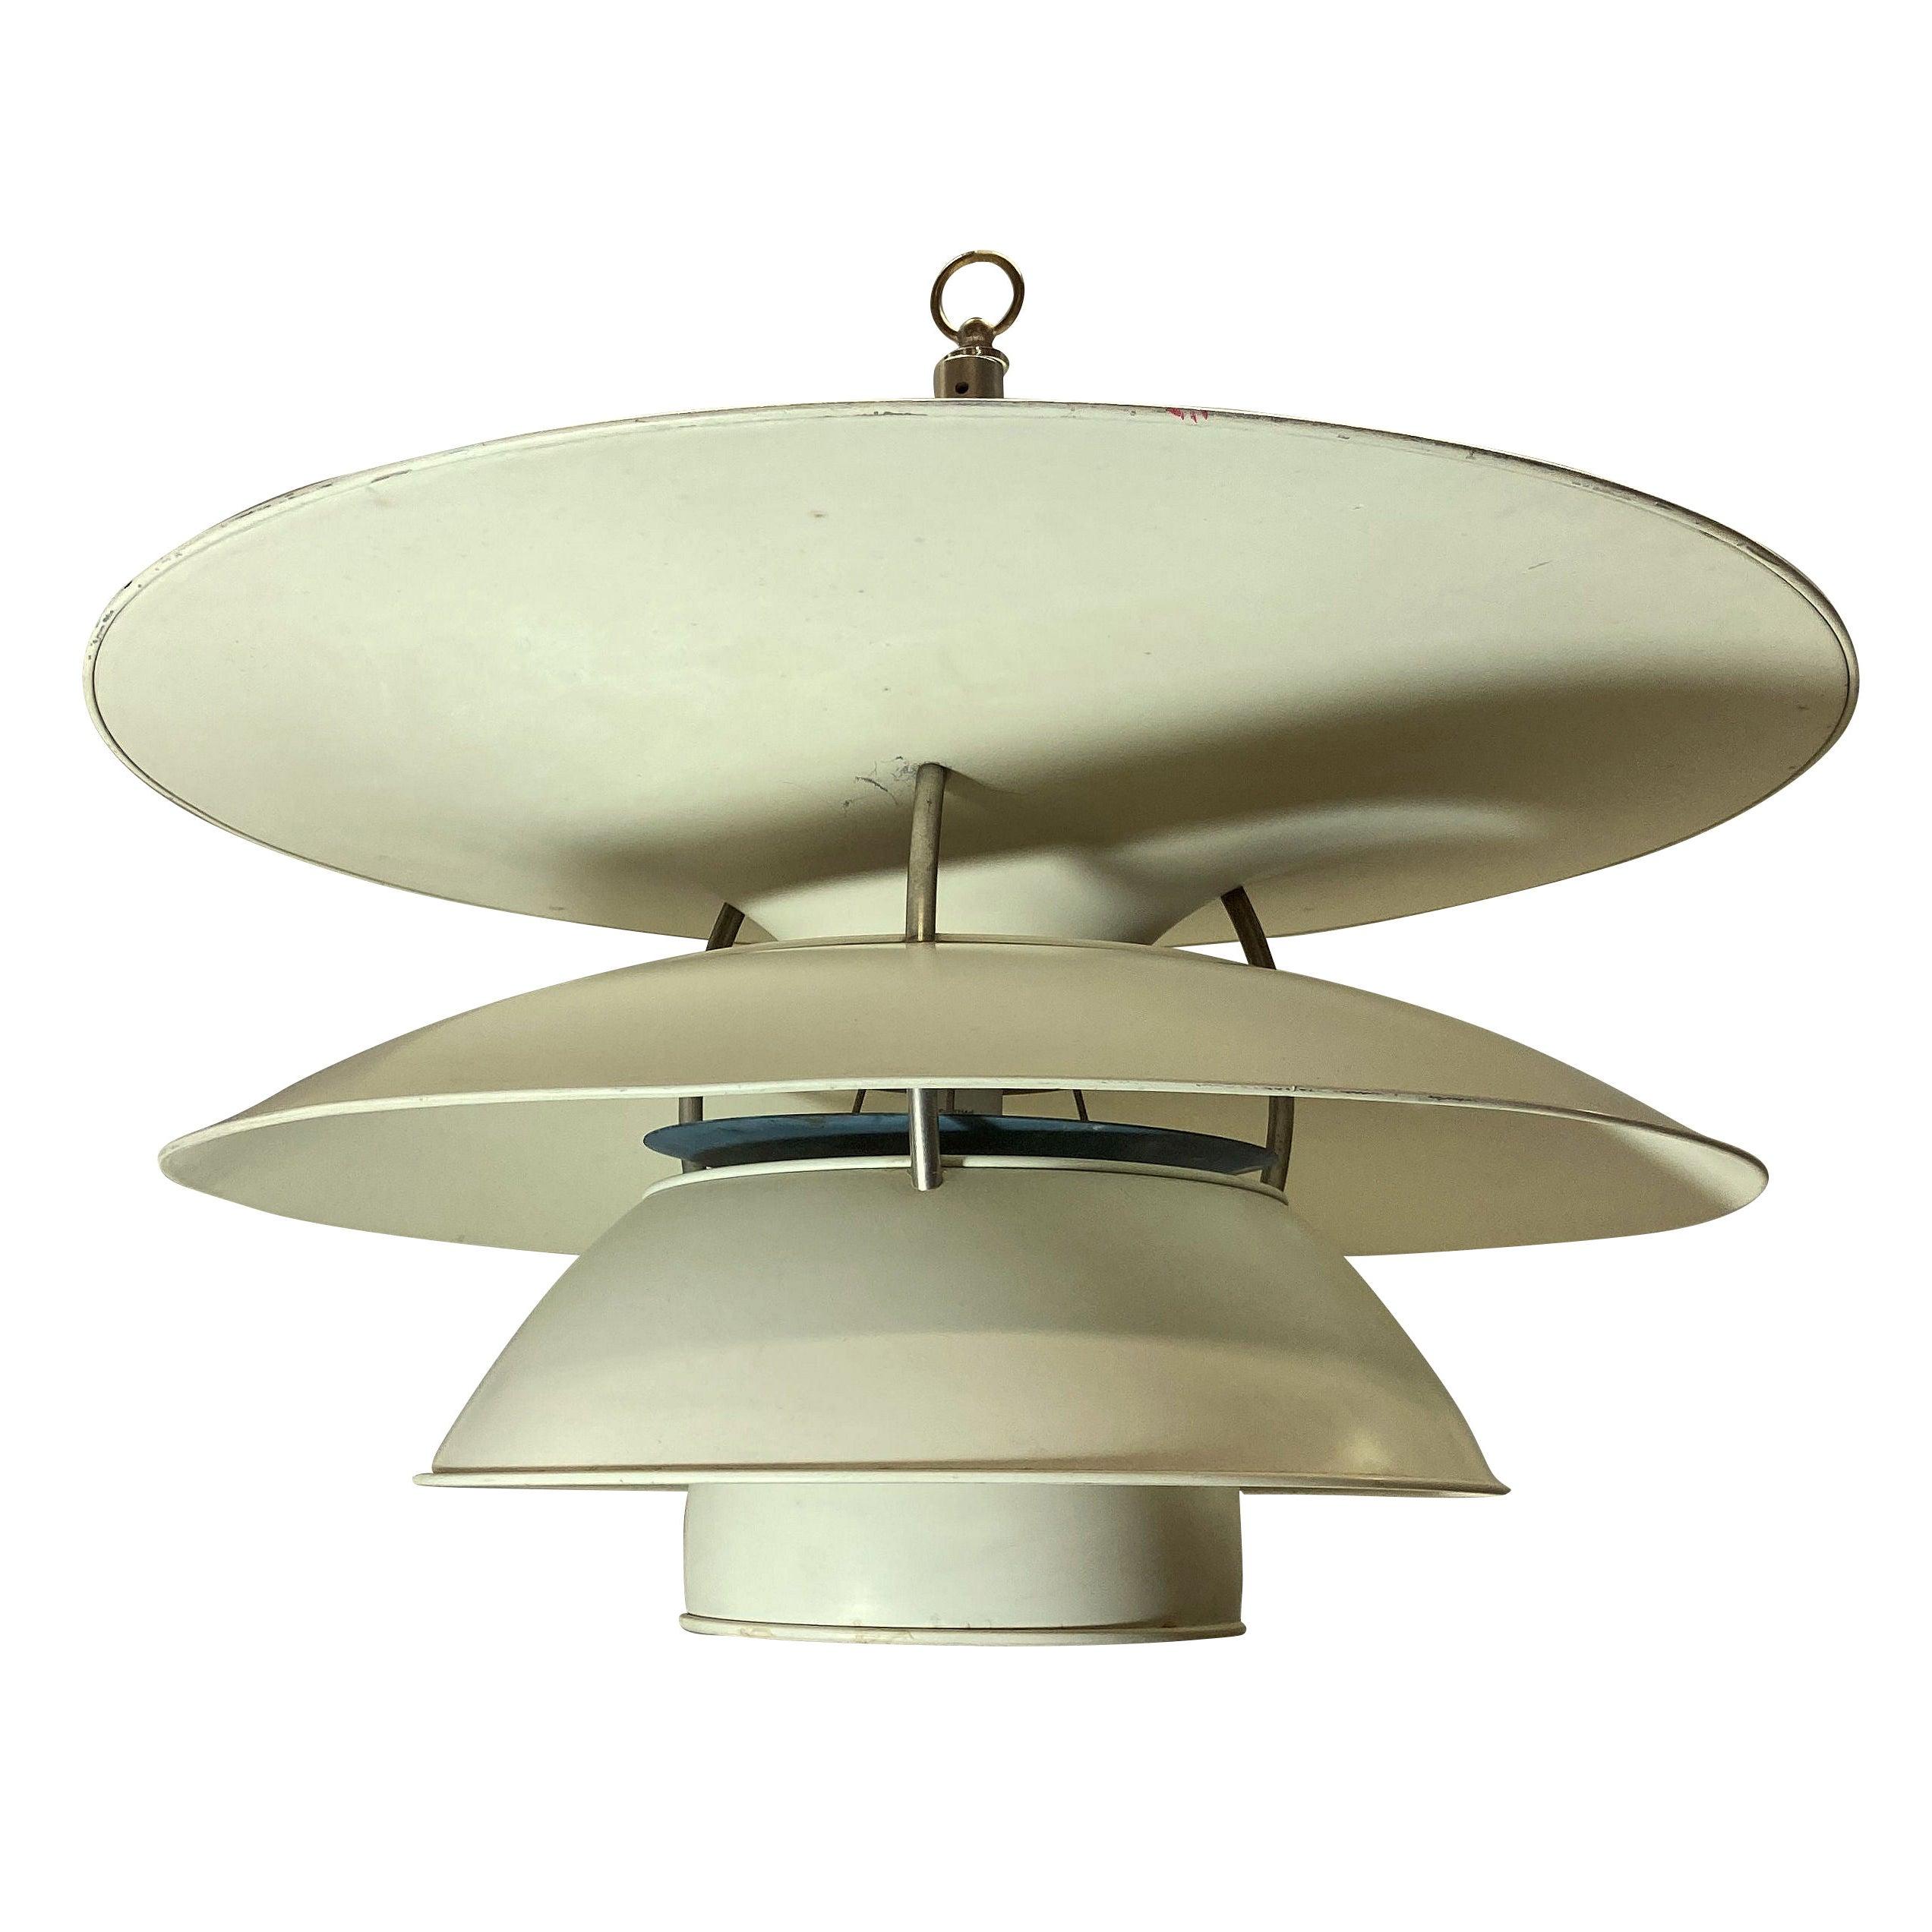 Original Louis Poulsen Pendant Light